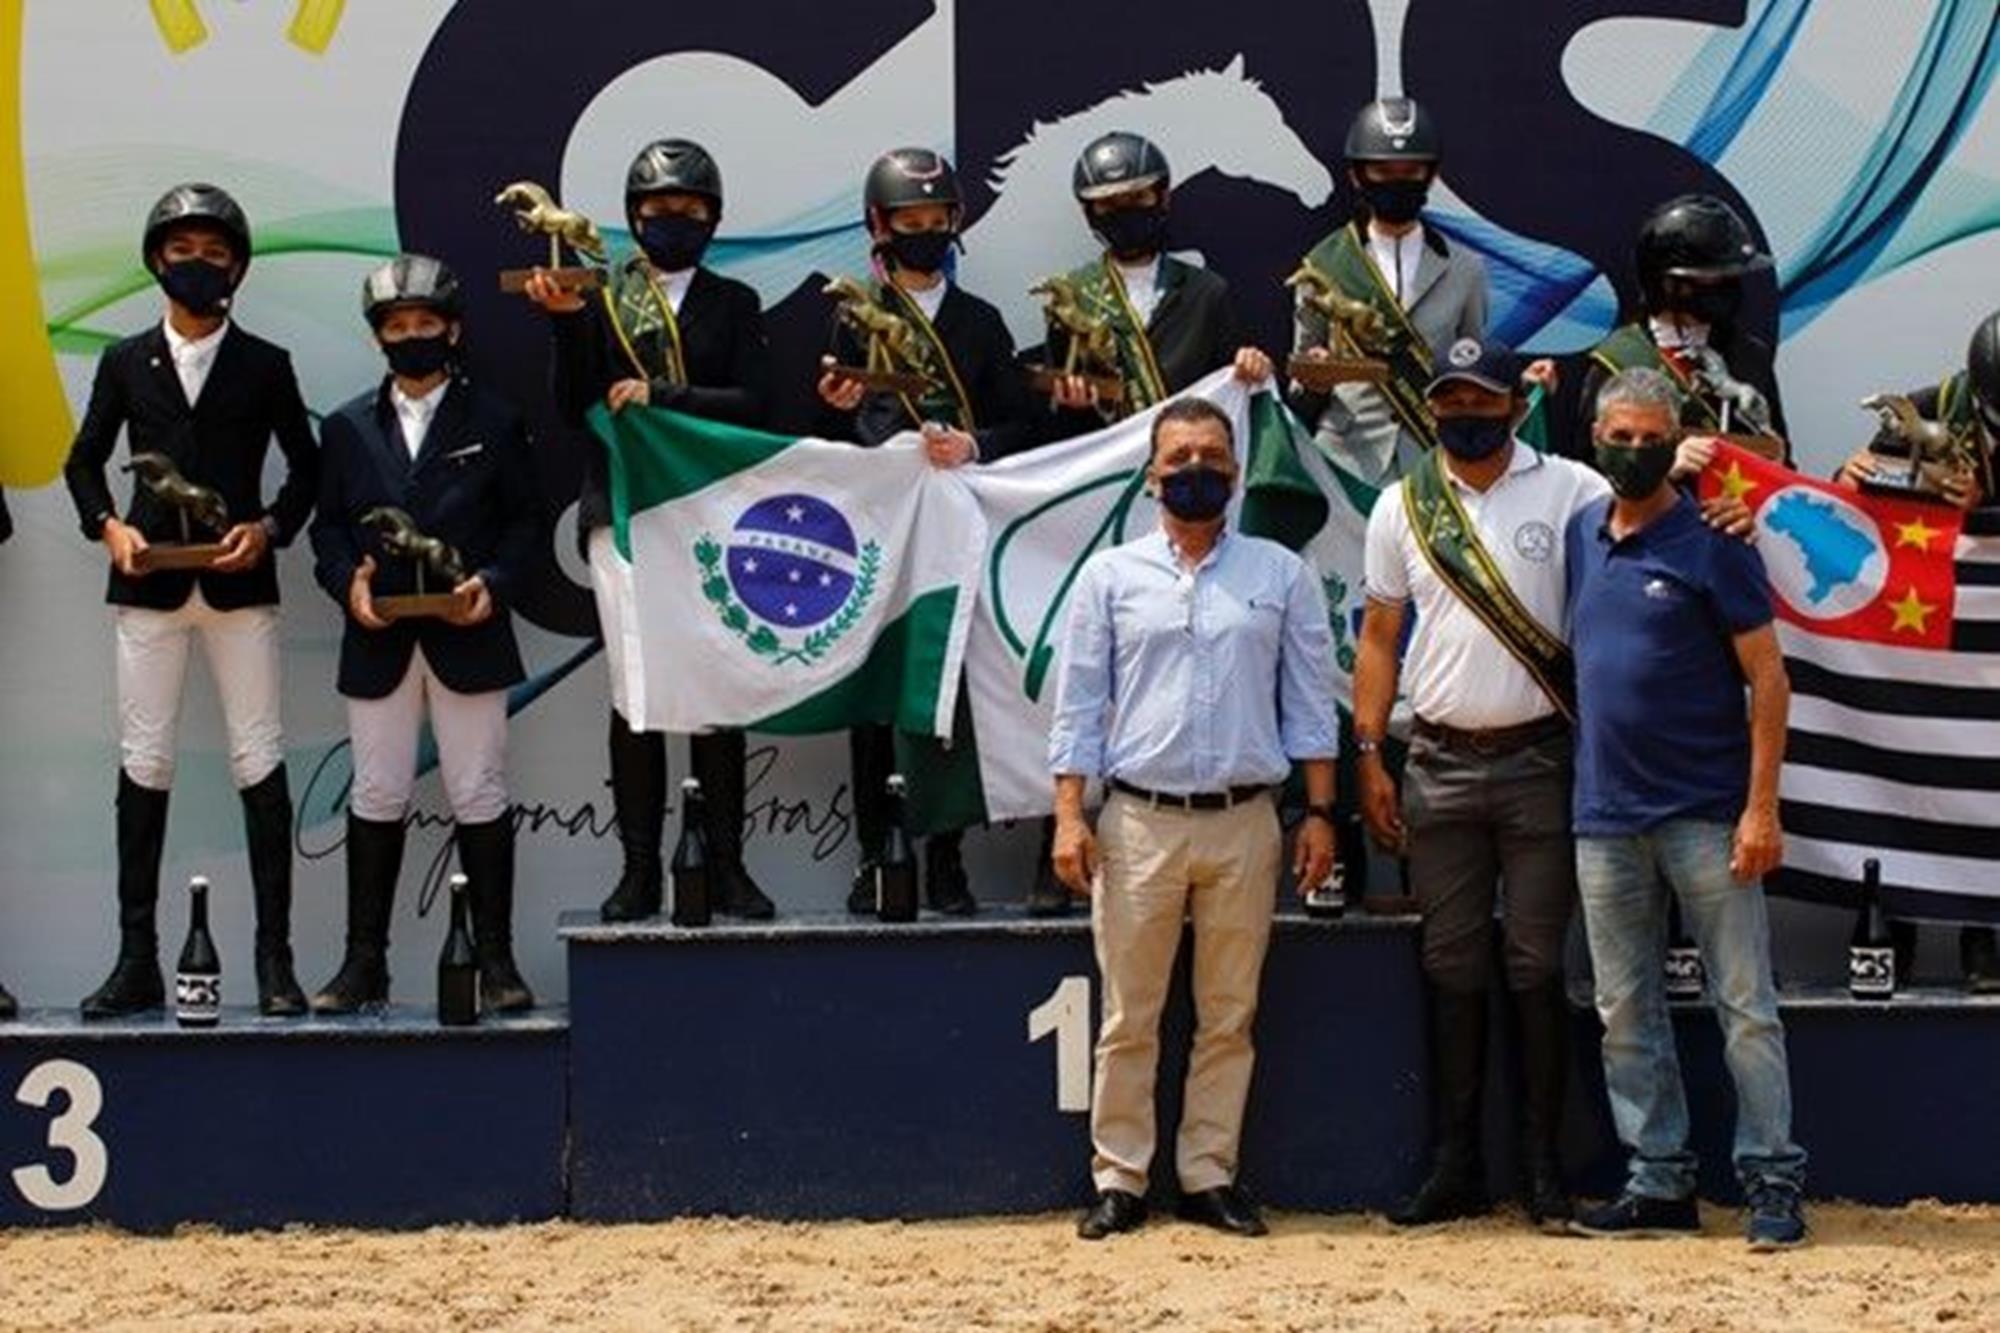 Pódio com atletas do PréMirim,  premiação das equipes, Hipismo,  juventude,  cavalo,  salto, JC Markun, Irmãs conquistam o Campeonato Brasileiro da Juventude de Salto